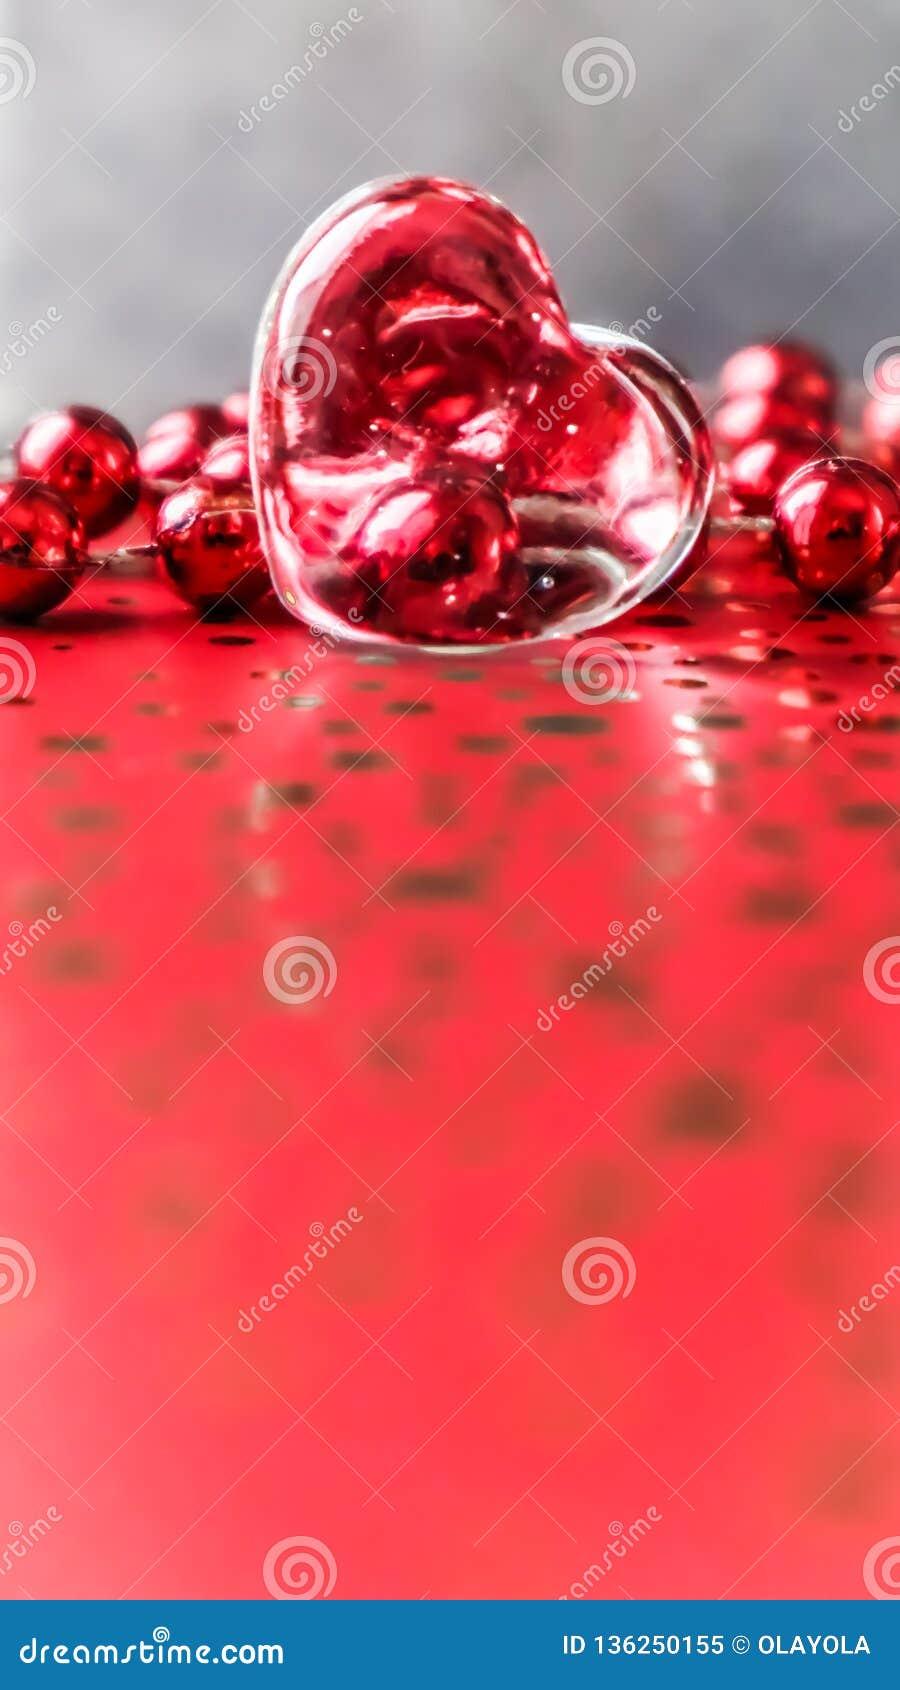 Λάμποντας διαφανής καρδιά και μια ομάδα κόκκινων χαντρών Τέλειο υπόβαθρο ευχετήριων καρτών ημέρας βαλεντίνων Κάθετη εικόνα στον κ